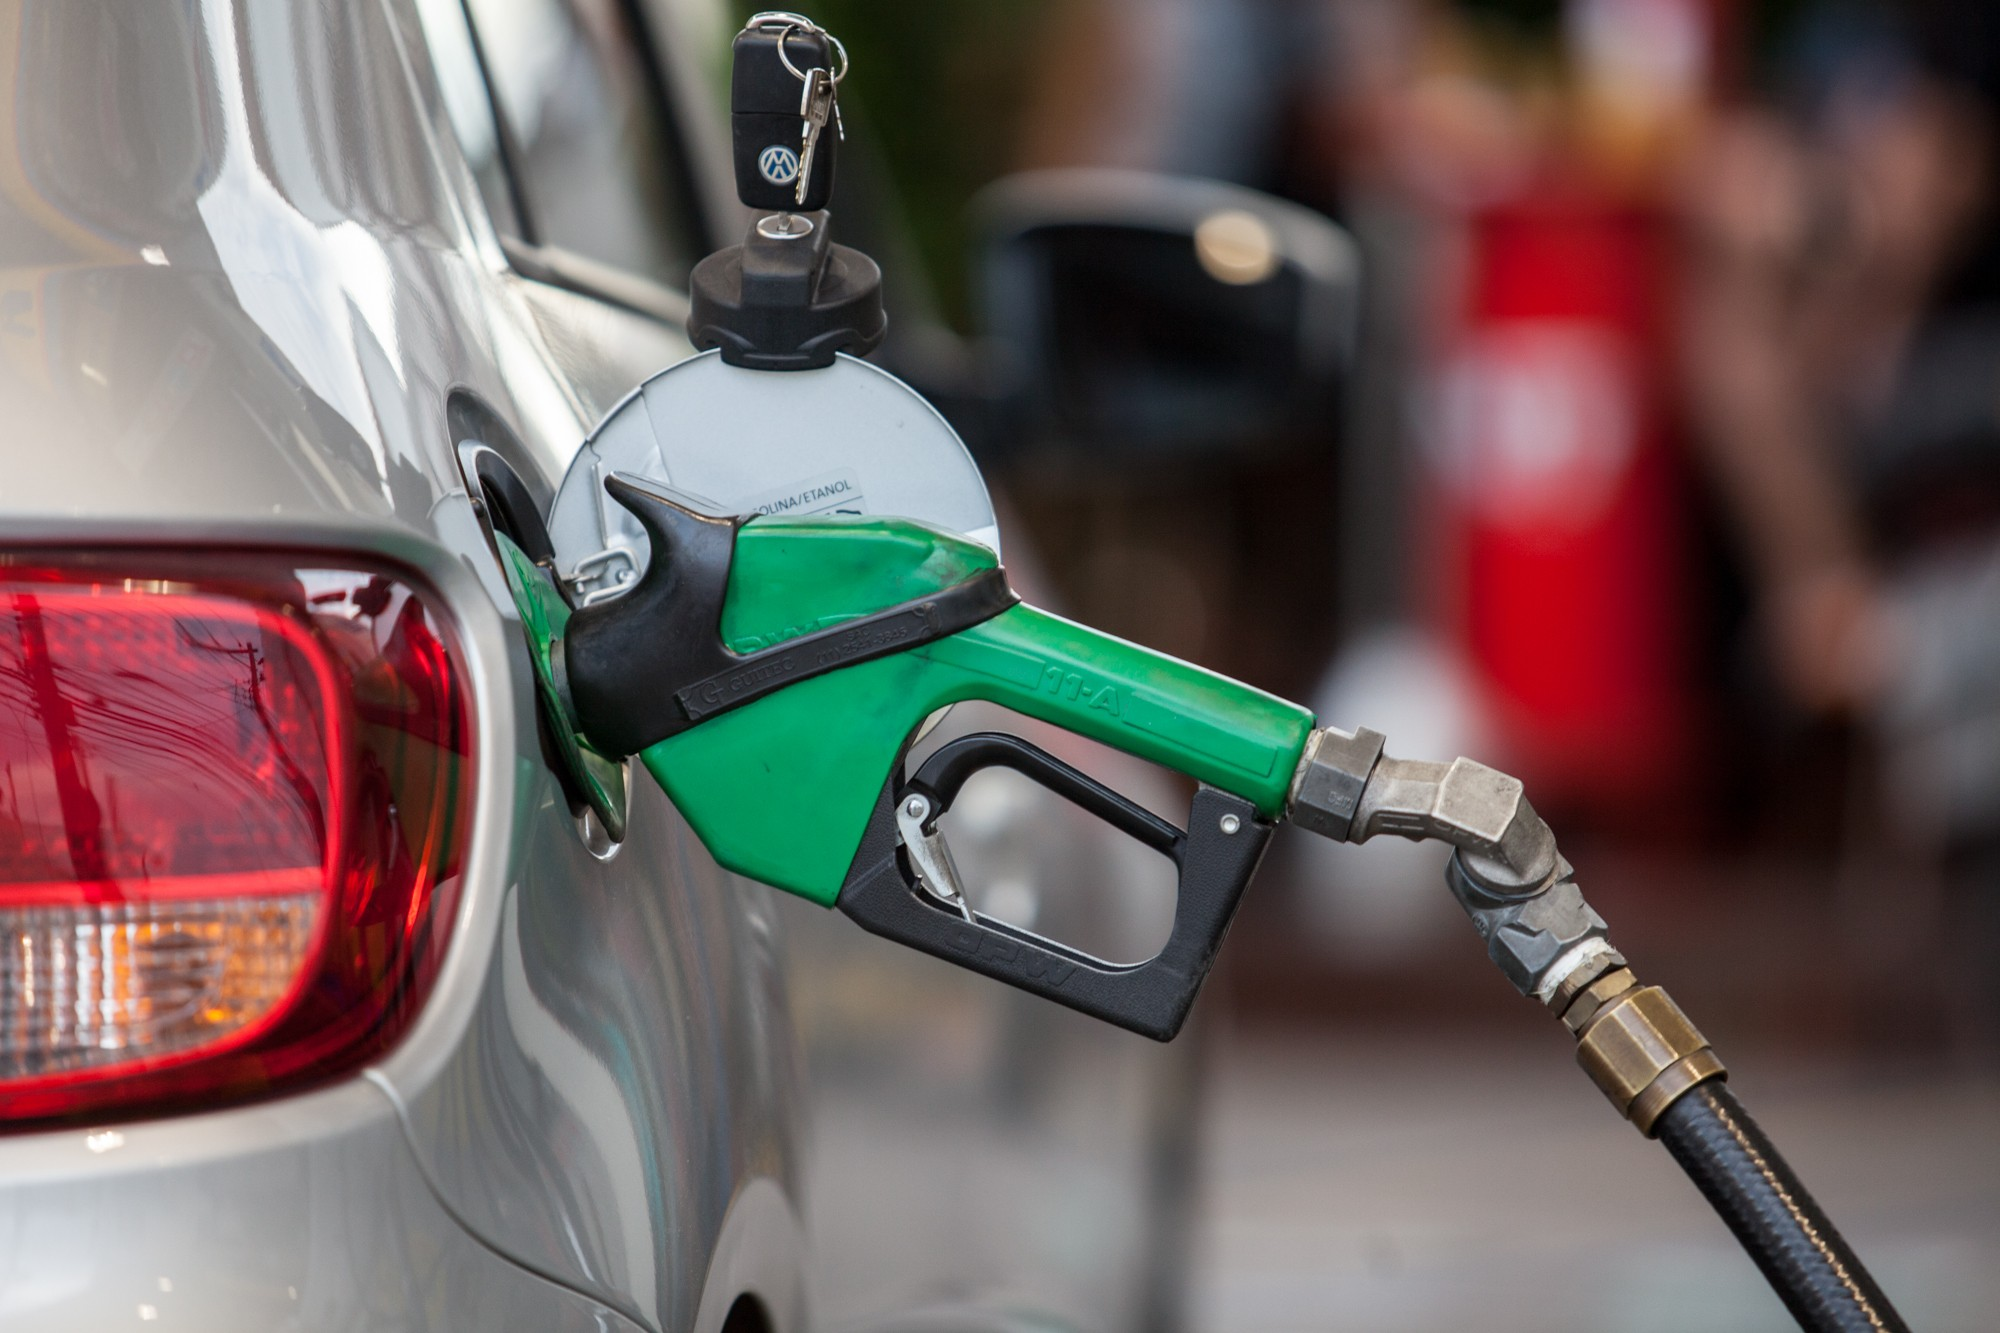 Diesel sobe nos postos apesar de cortes de preço da Petrobras; gasolina também avança - Notícias - Plantão Diário